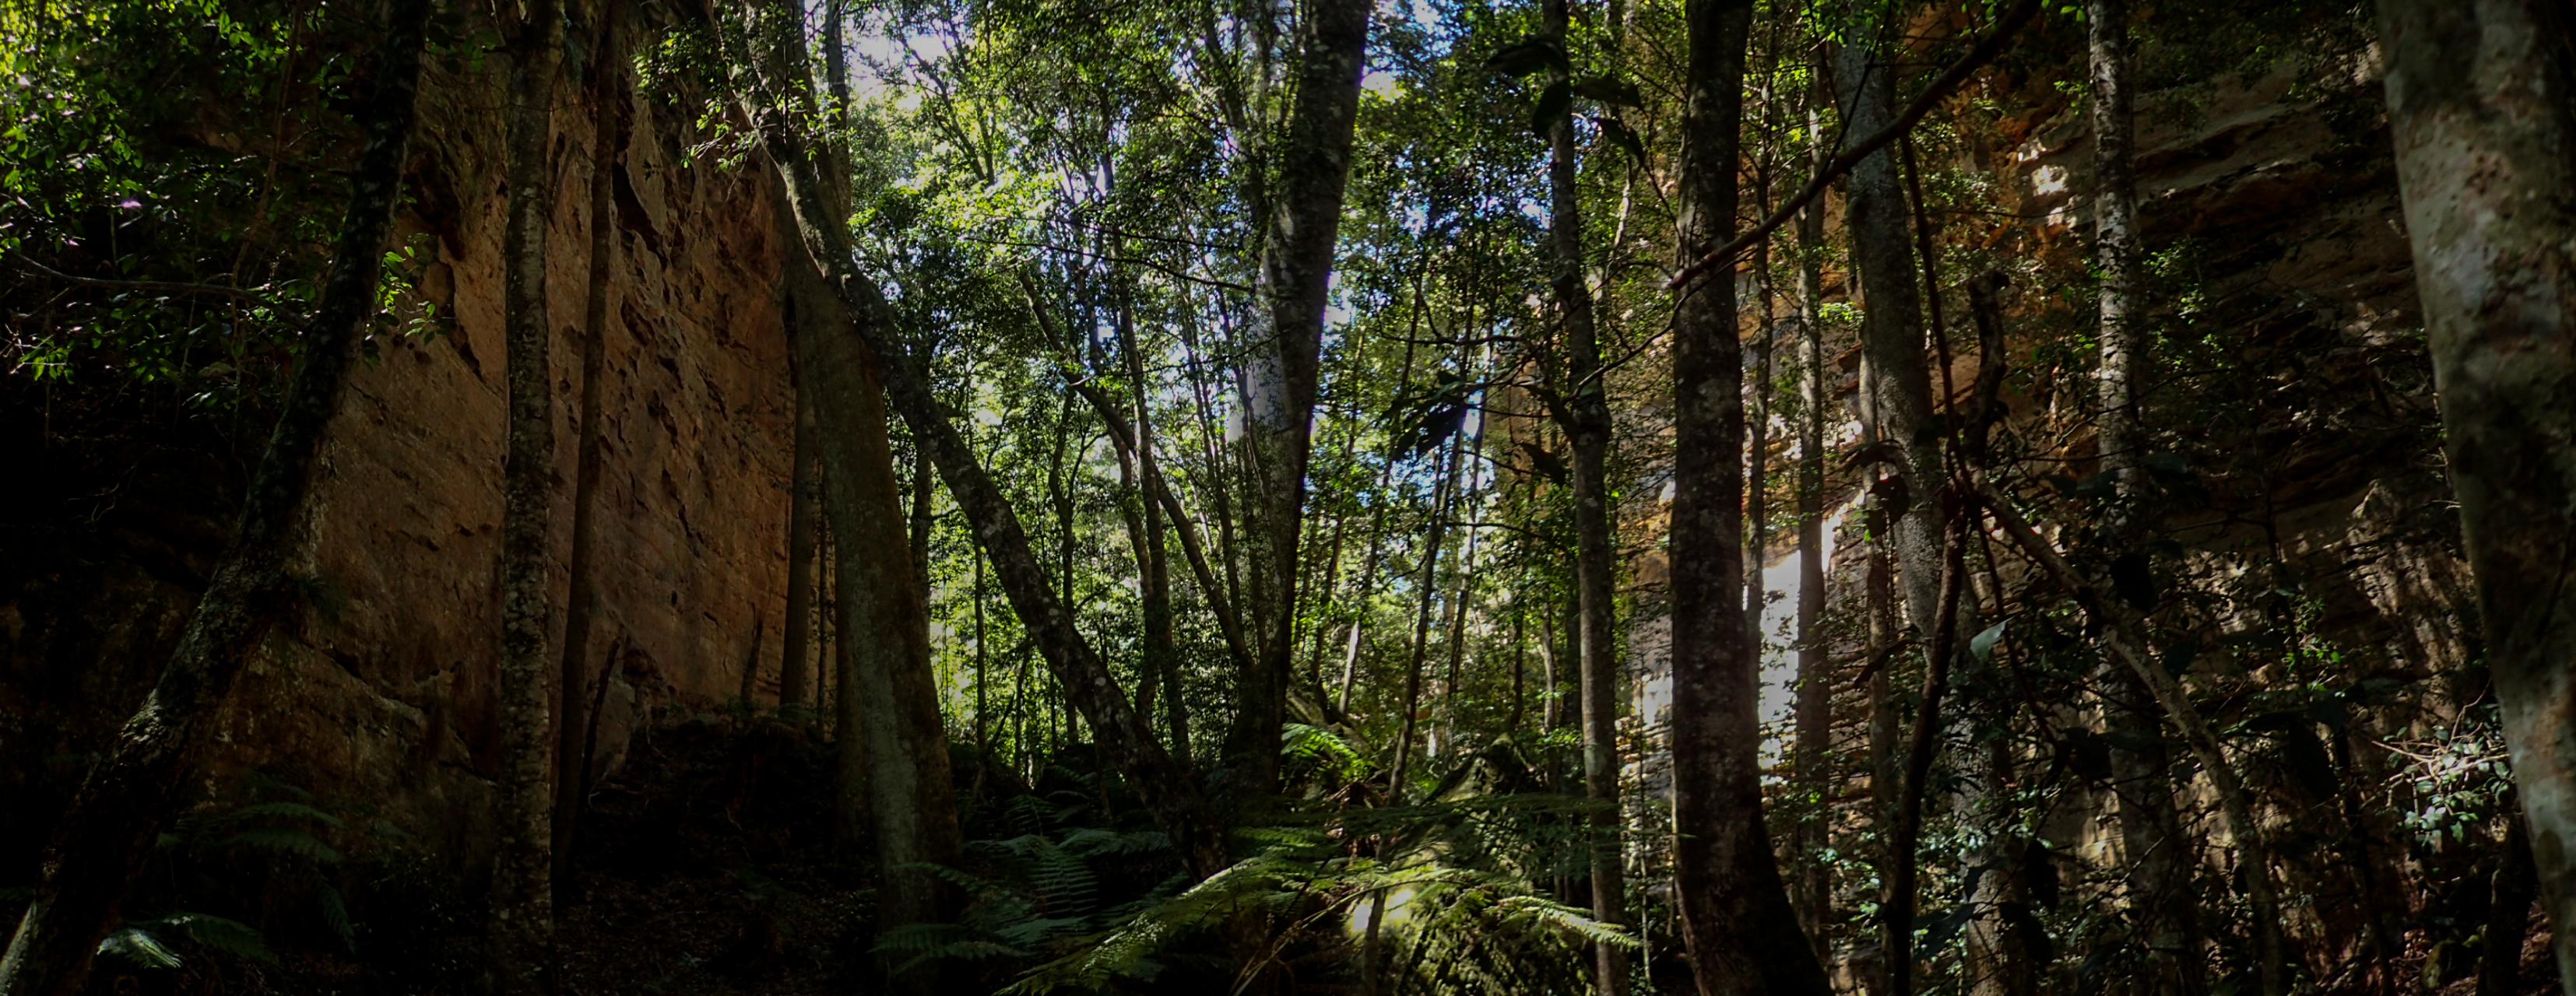 coachwood rocky creek-4.jpg